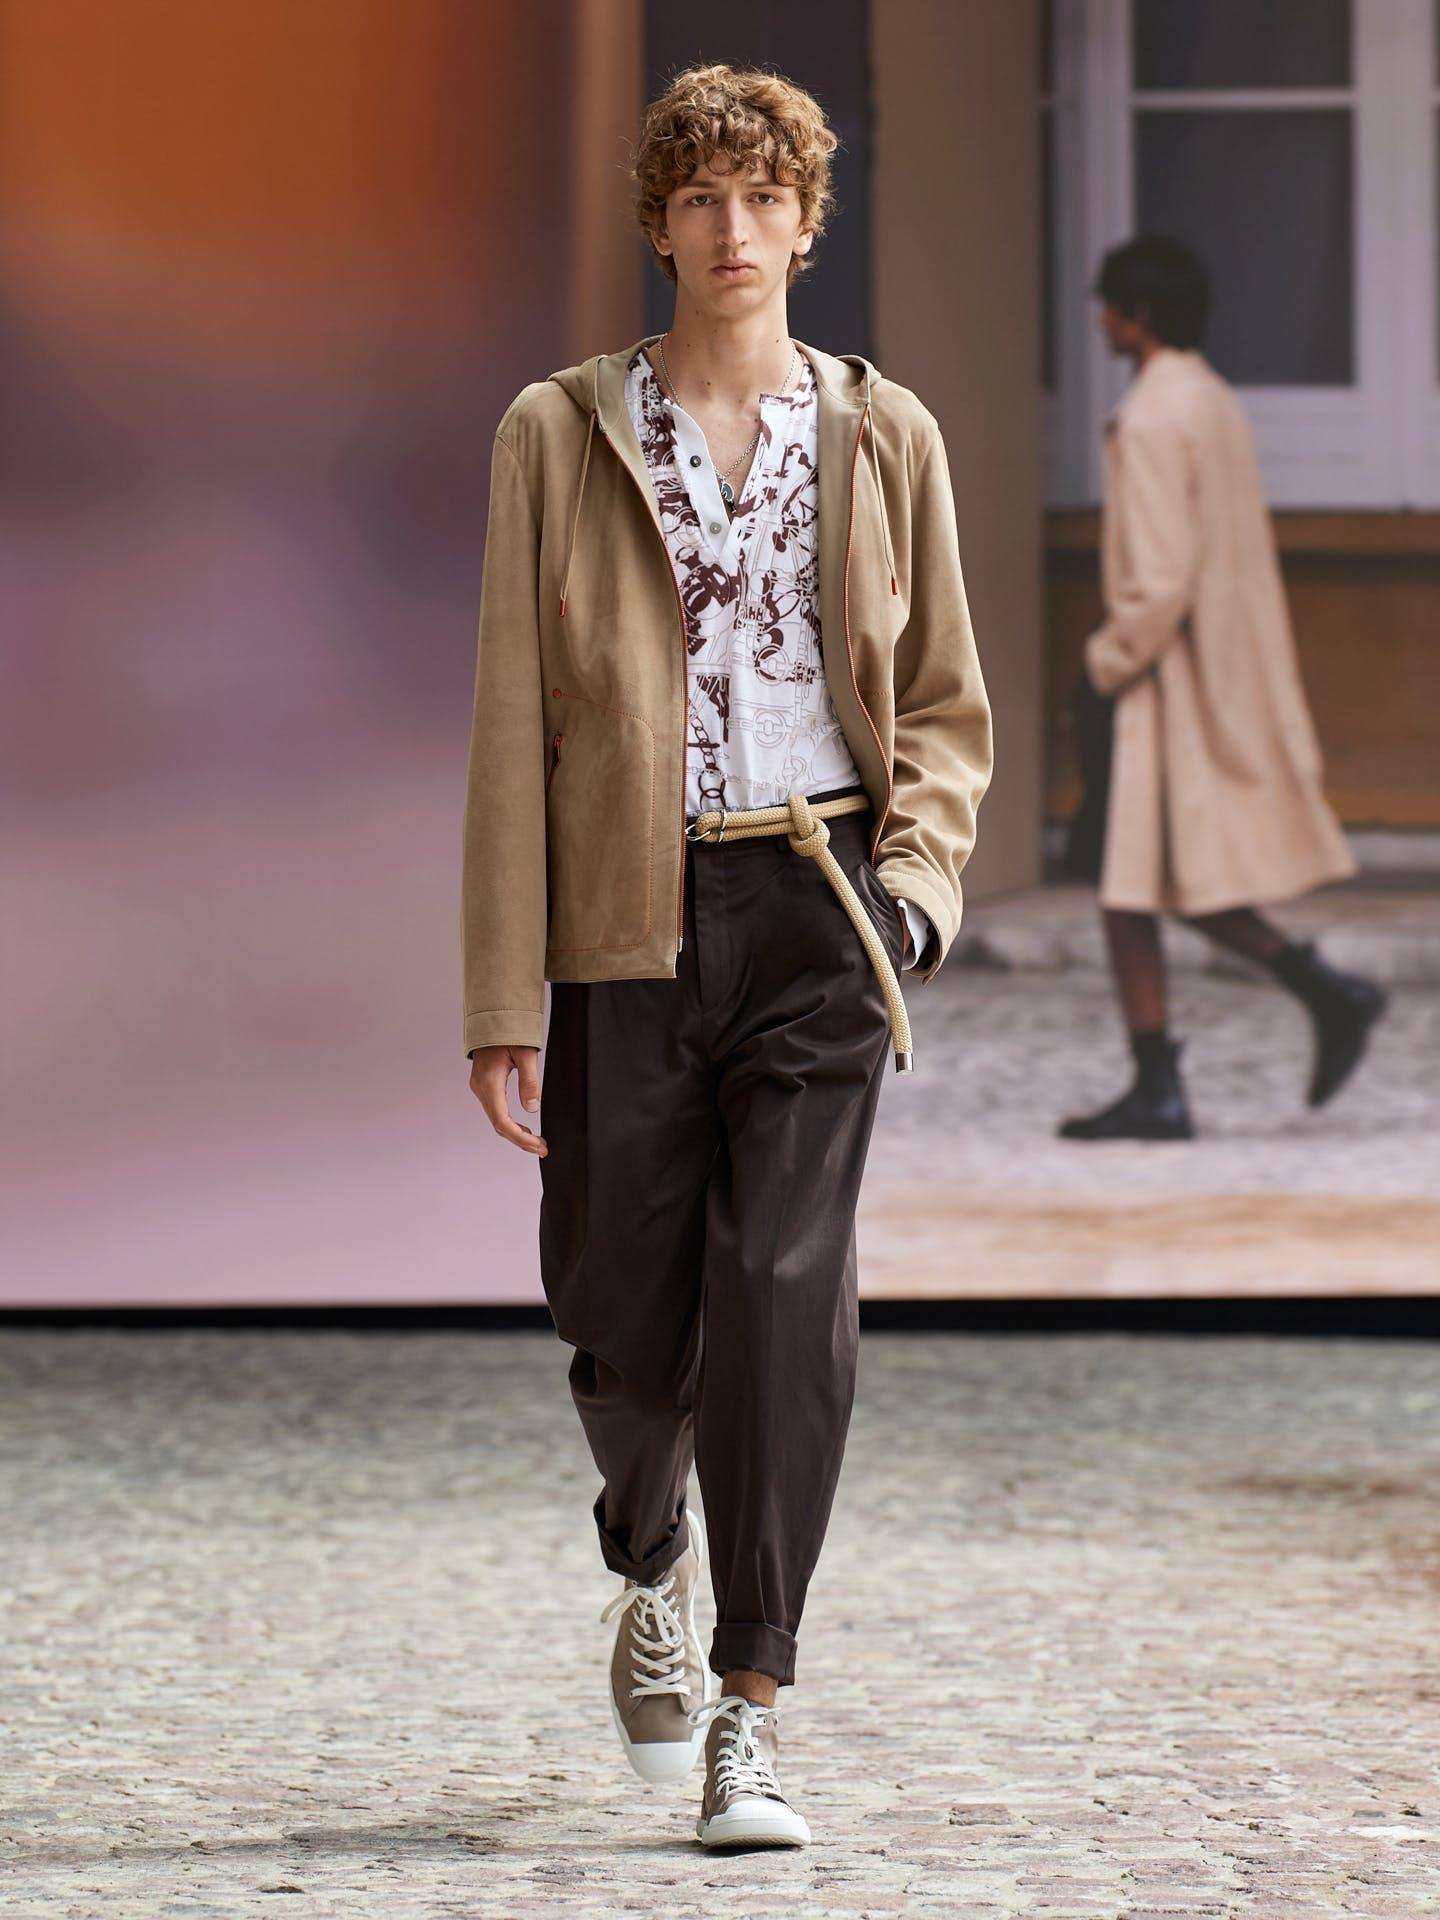 Hermès hướng đến sự nhẹ nhàng và tự do cho bộ sưu tập nam mới - 4